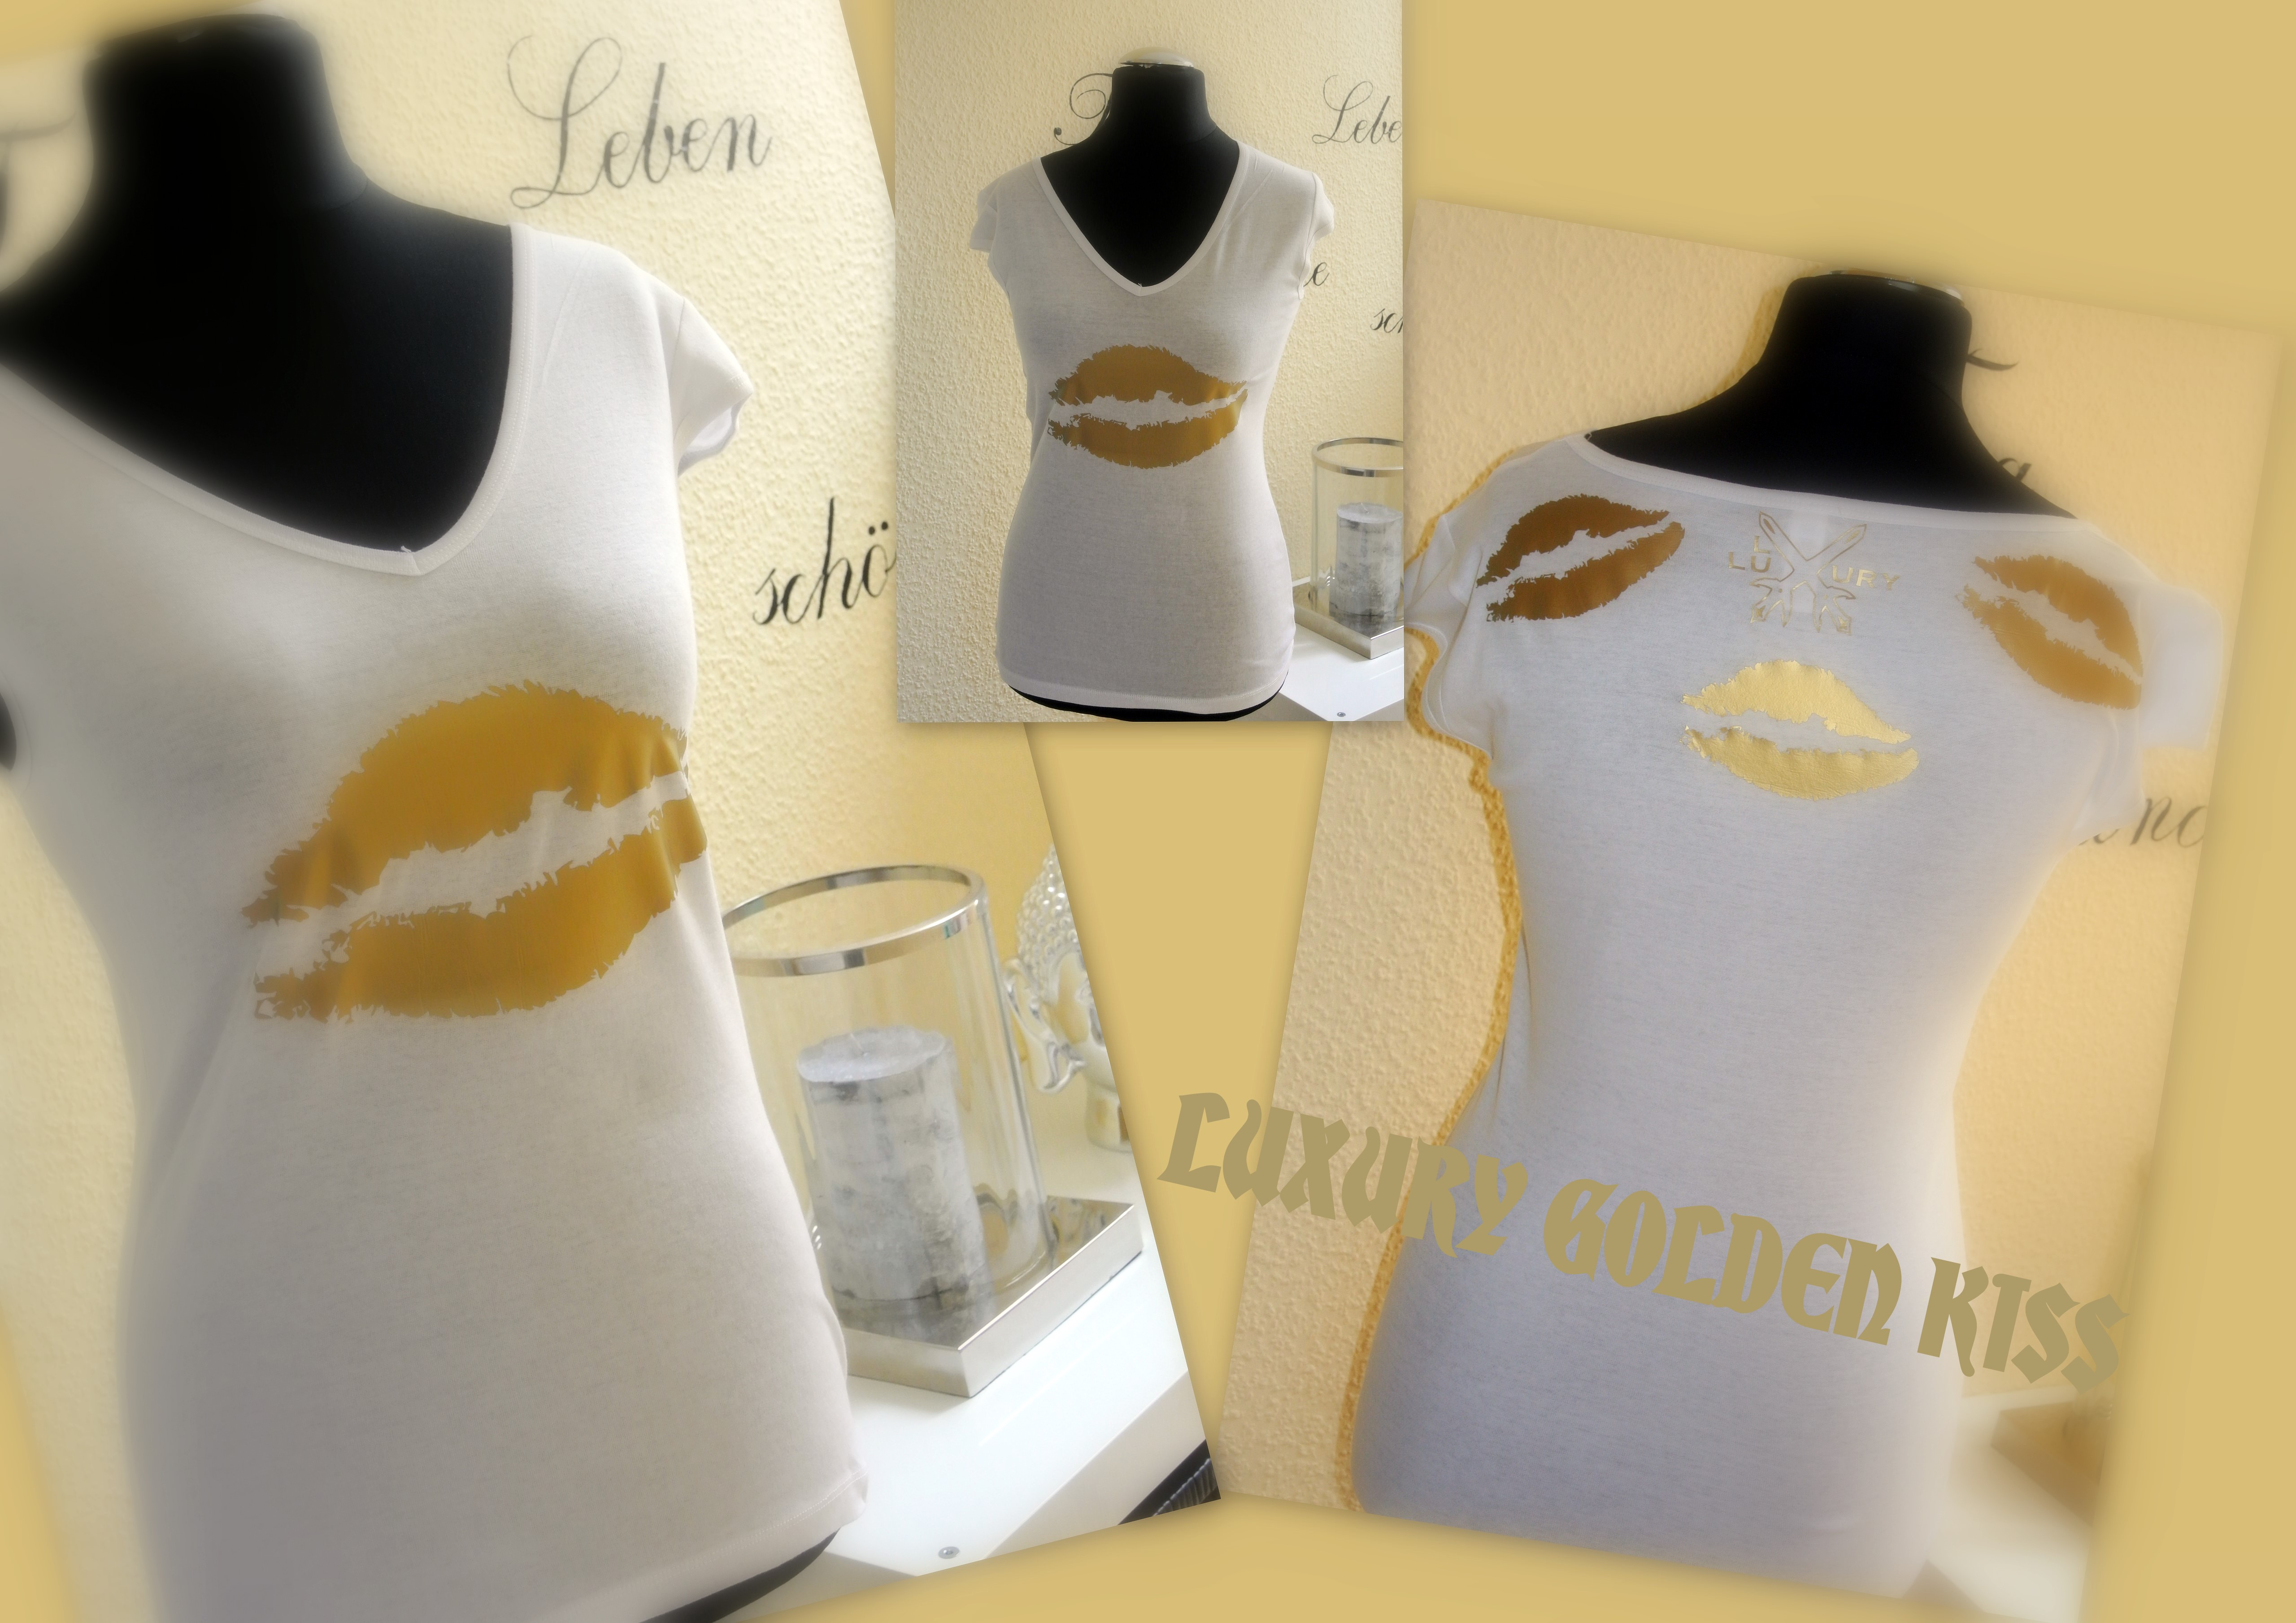 GOLDEN KISS.jpg